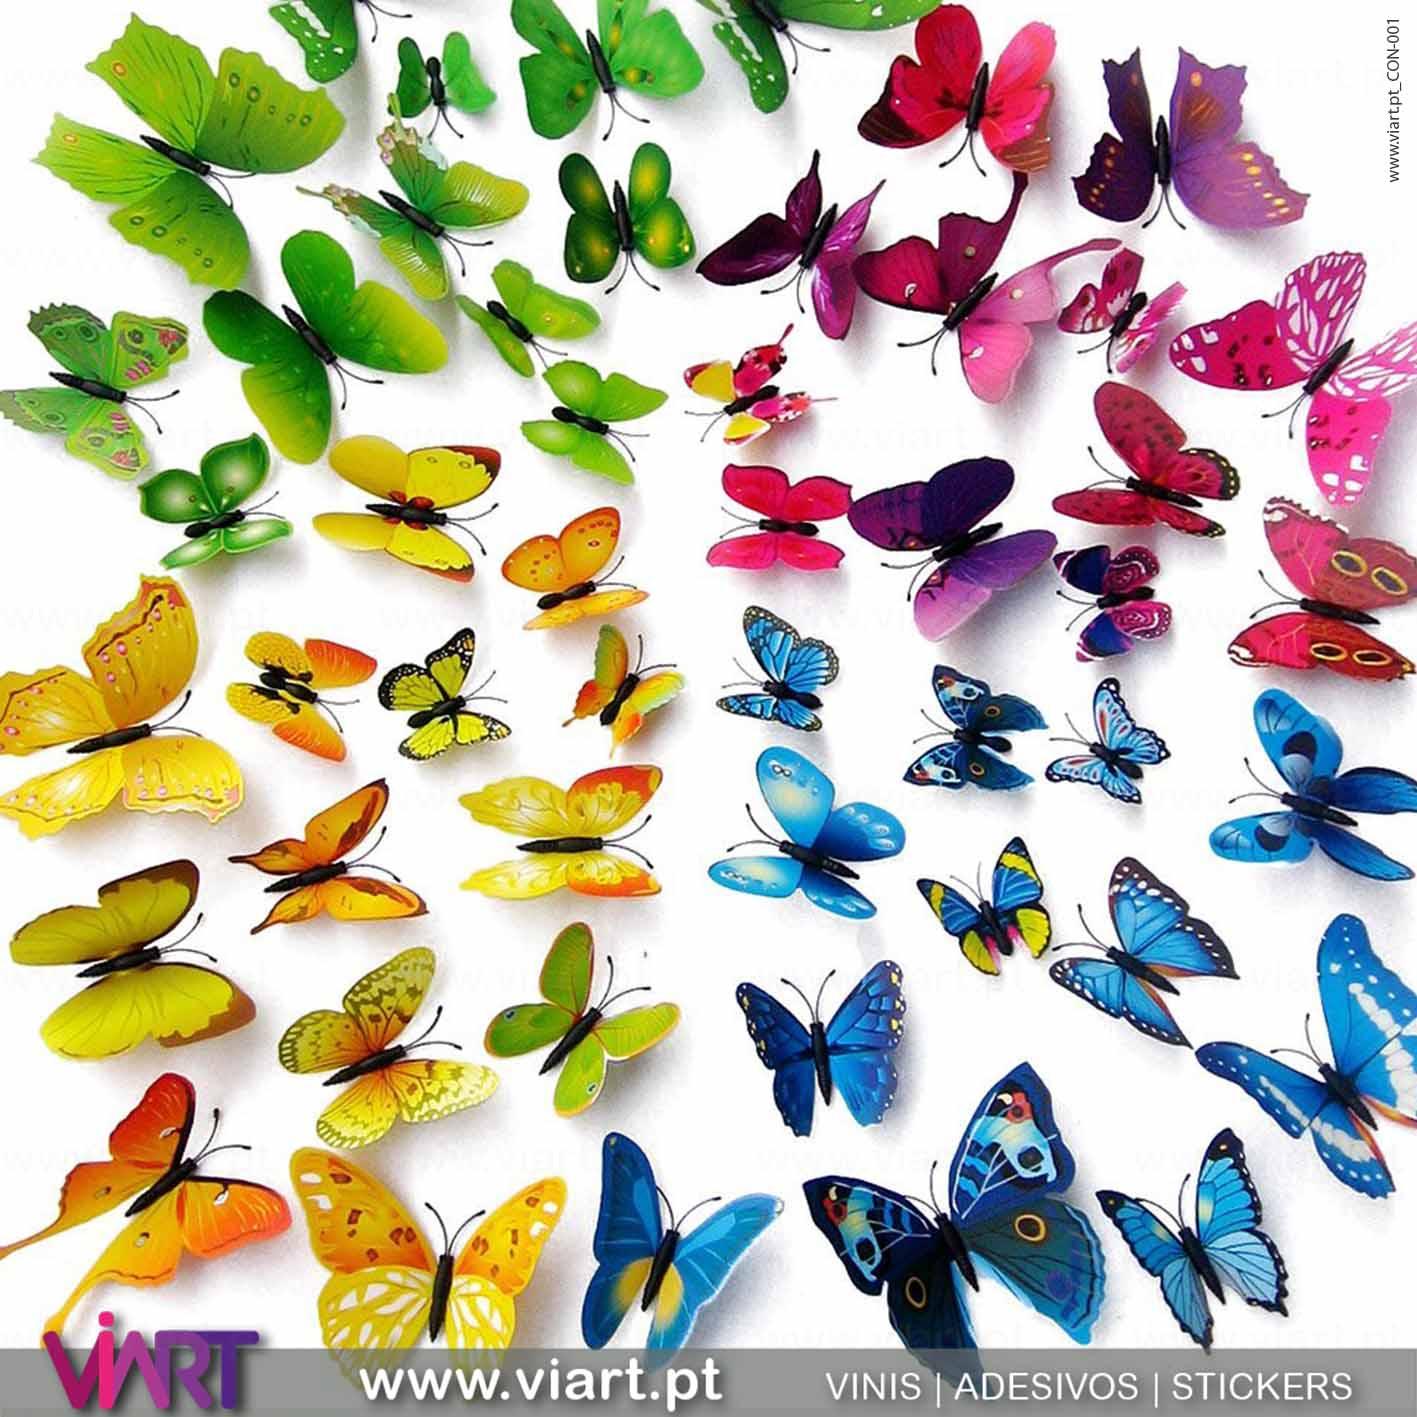 Viart - Vinis autocolantes decorativos - Adesivo decoração - Borboletas Azuis! Magnéticas! Efeito 3D